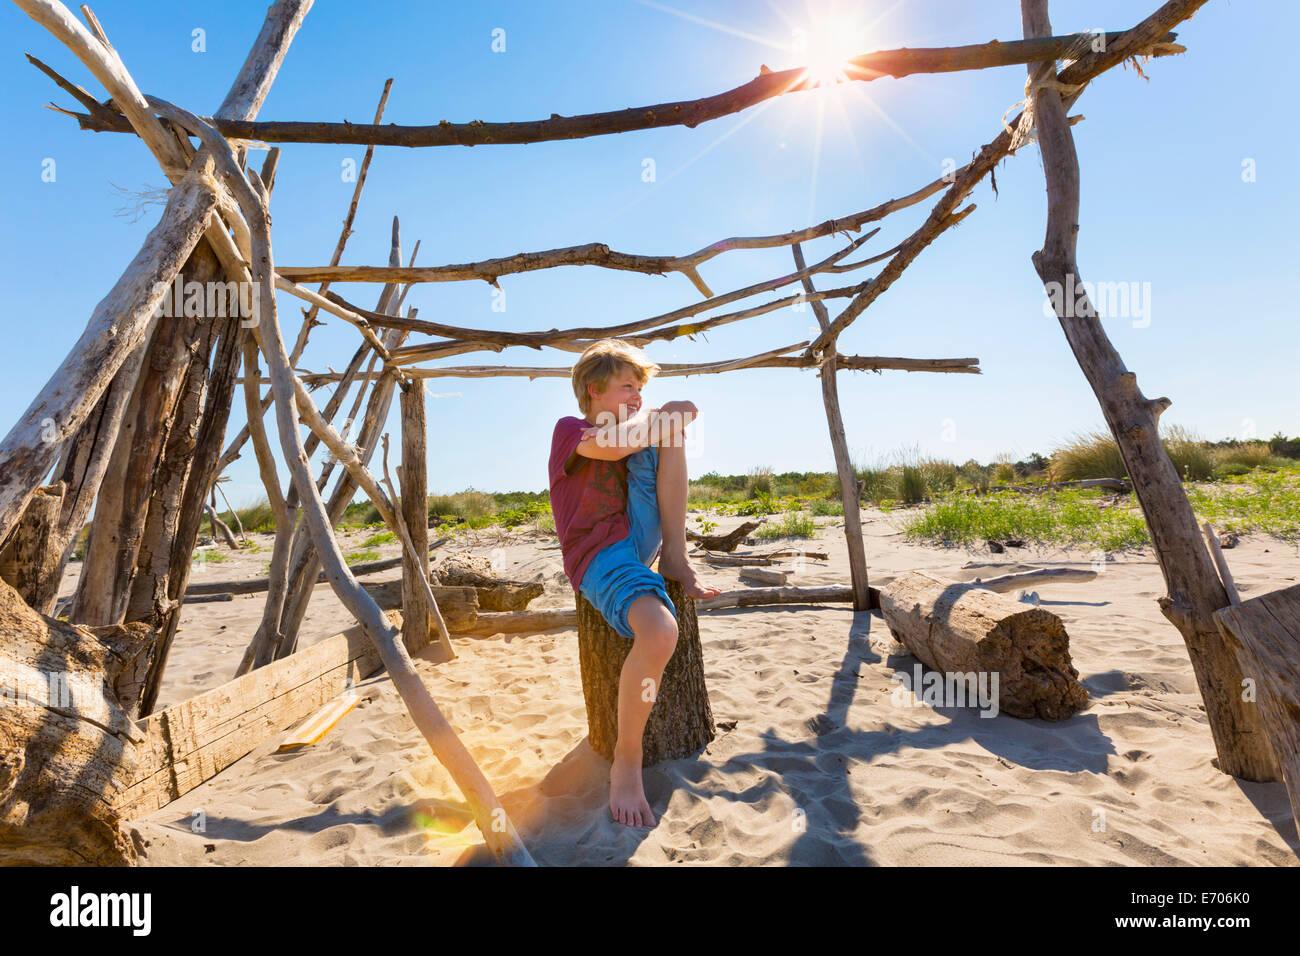 Boy haciendo una pausa en driftwood refugio, Playa Caleri, Veneto, Italia Imagen De Stock